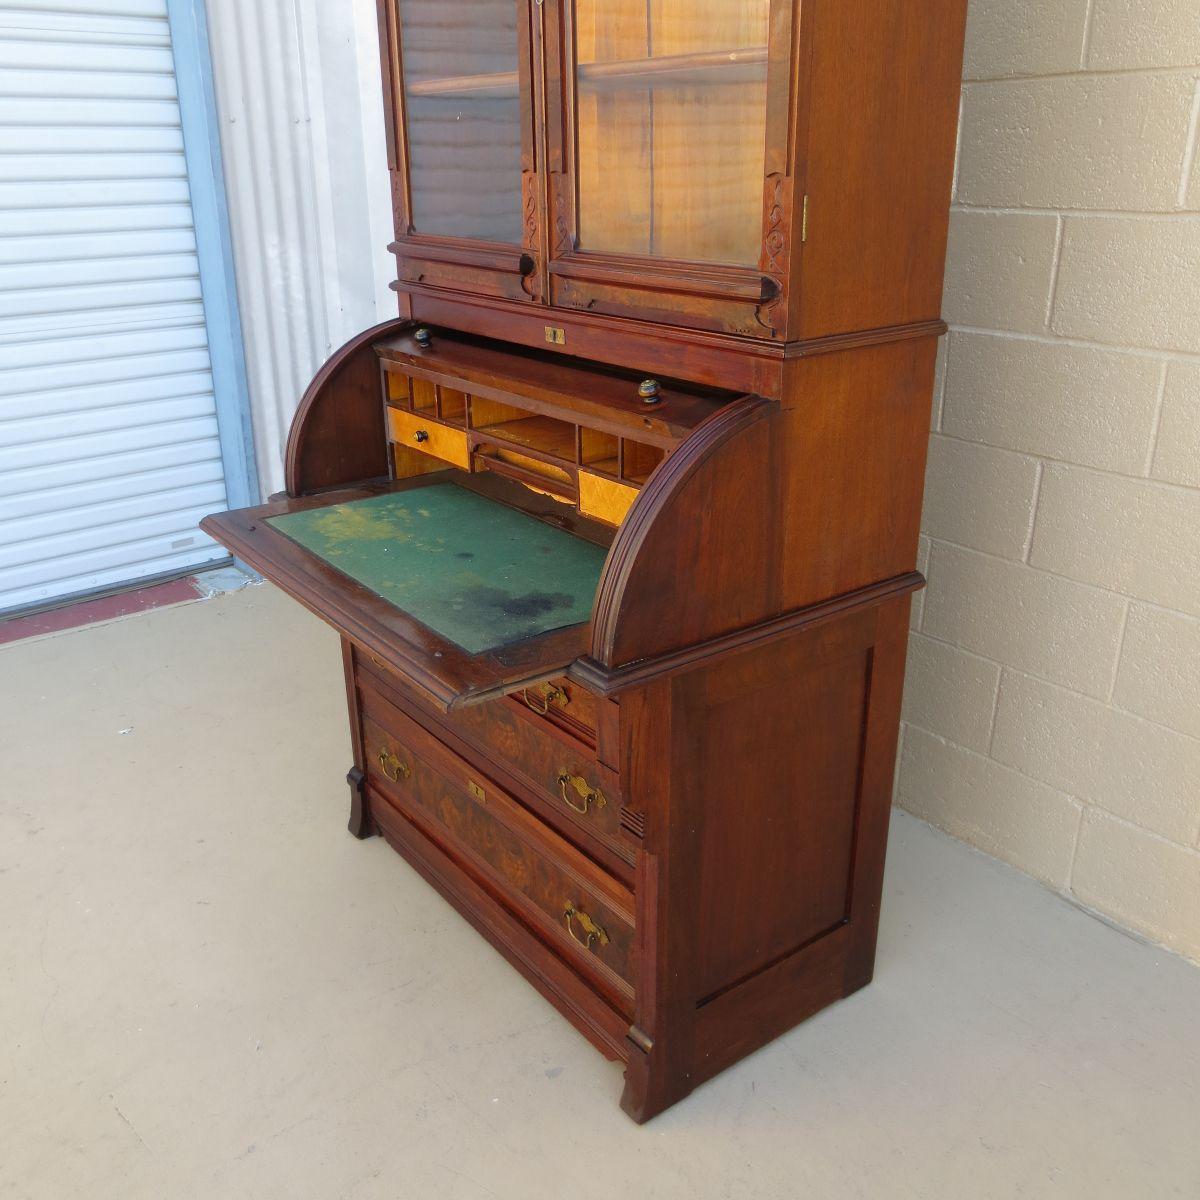 Oriental Secretary Desk - Home Furniture Design - Secretary Desk Bookcase -  Google Search Antiques Pinterest - Secretary Furniture Antique Antique Furniture